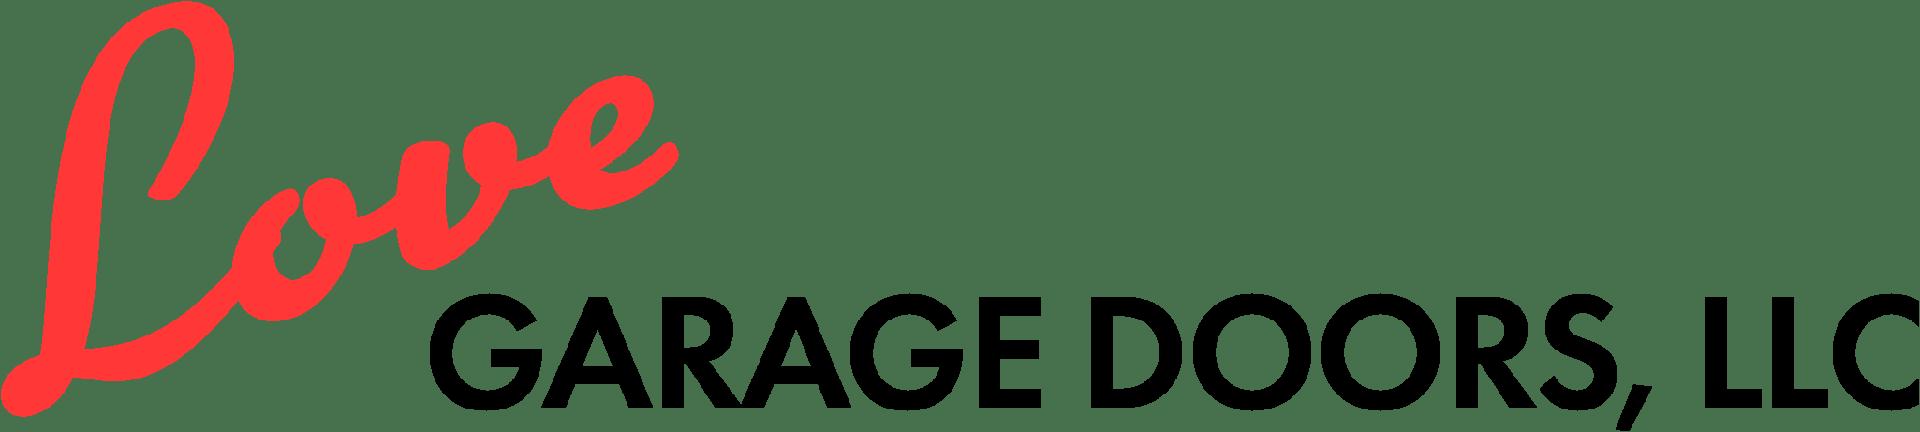 Love Garage Doors Company